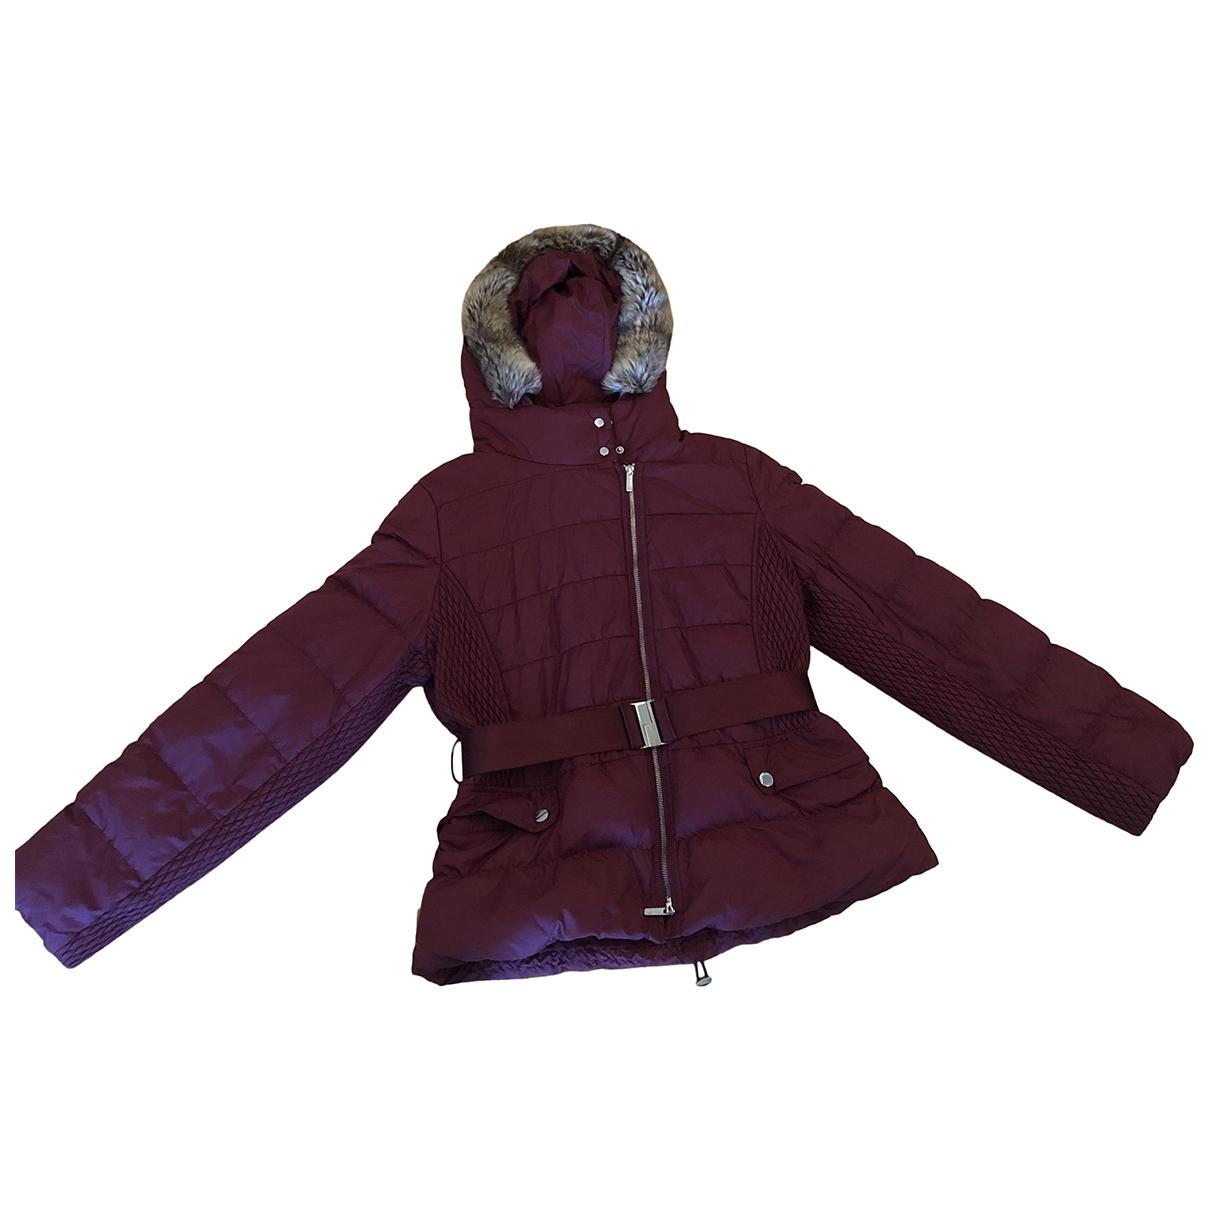 Karen Millen \N Burgundy Cotton coat for Women 12 US